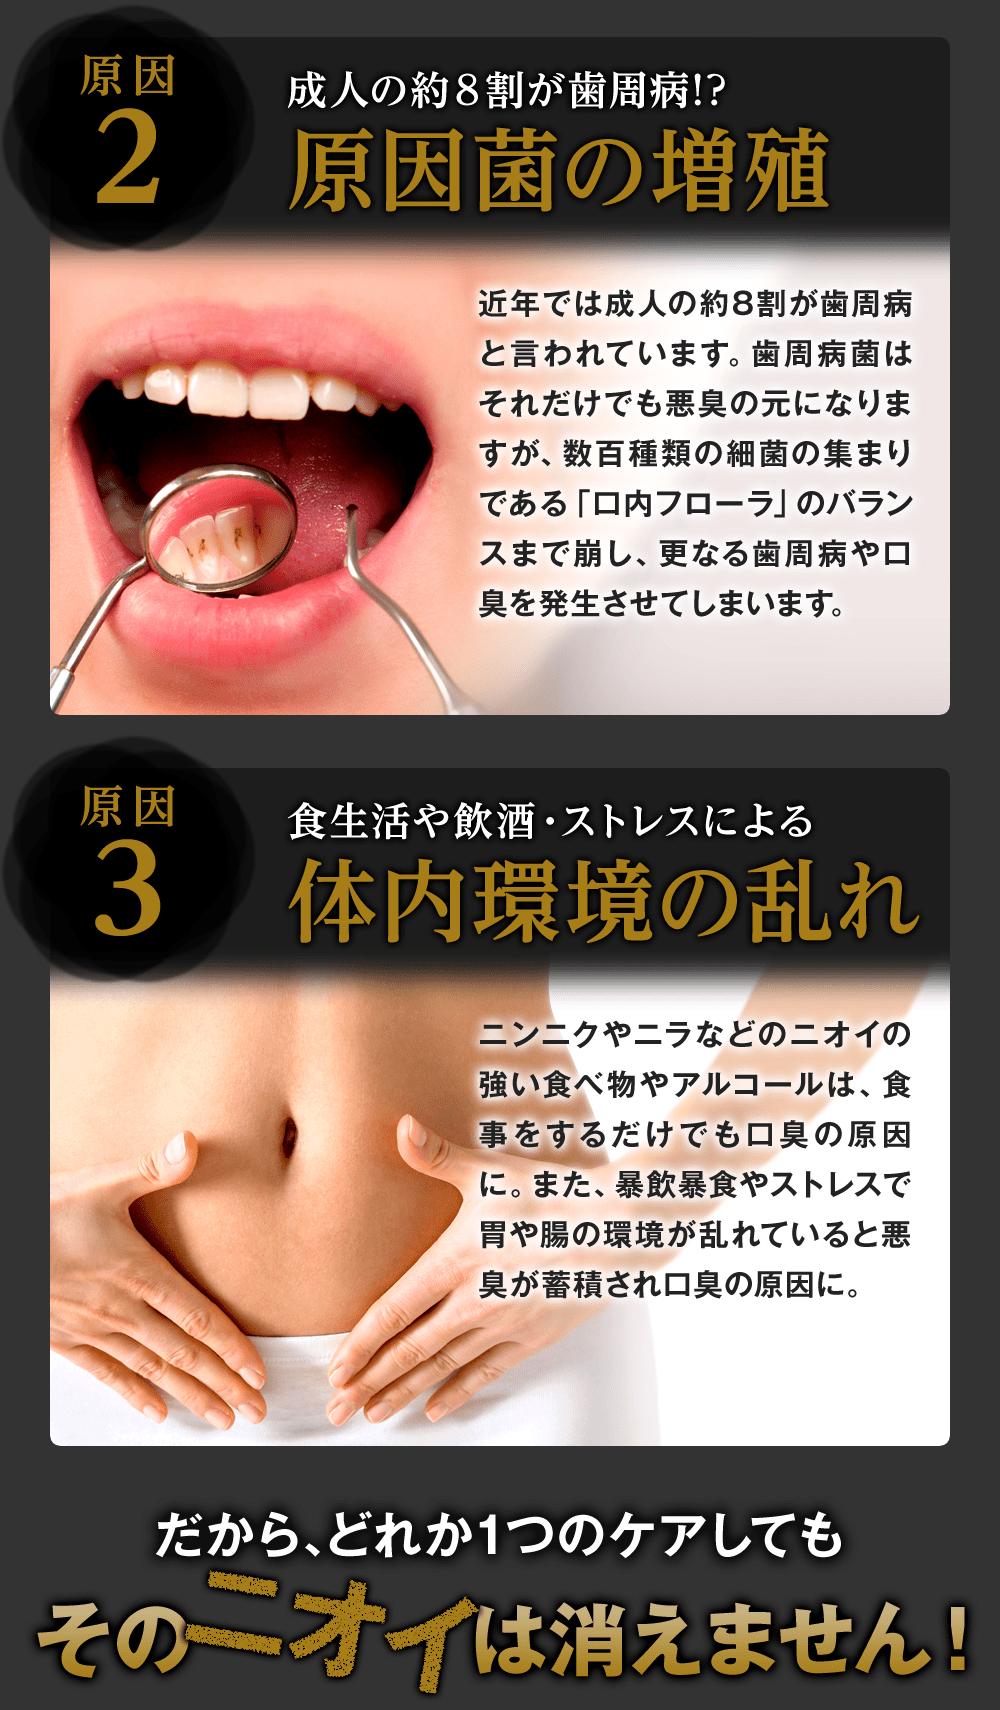 近年では成人の8割が歯周病と言われており、歯周病菌はそれだけで悪臭の元。口内フローラのバランスを崩しているんです。また、暴飲暴食やストレスで胃や腸の環境が乱れていると悪臭が蓄積されて口臭の原因になっているんです!どれか一つのケアだけでは、そのニオイは消えません!